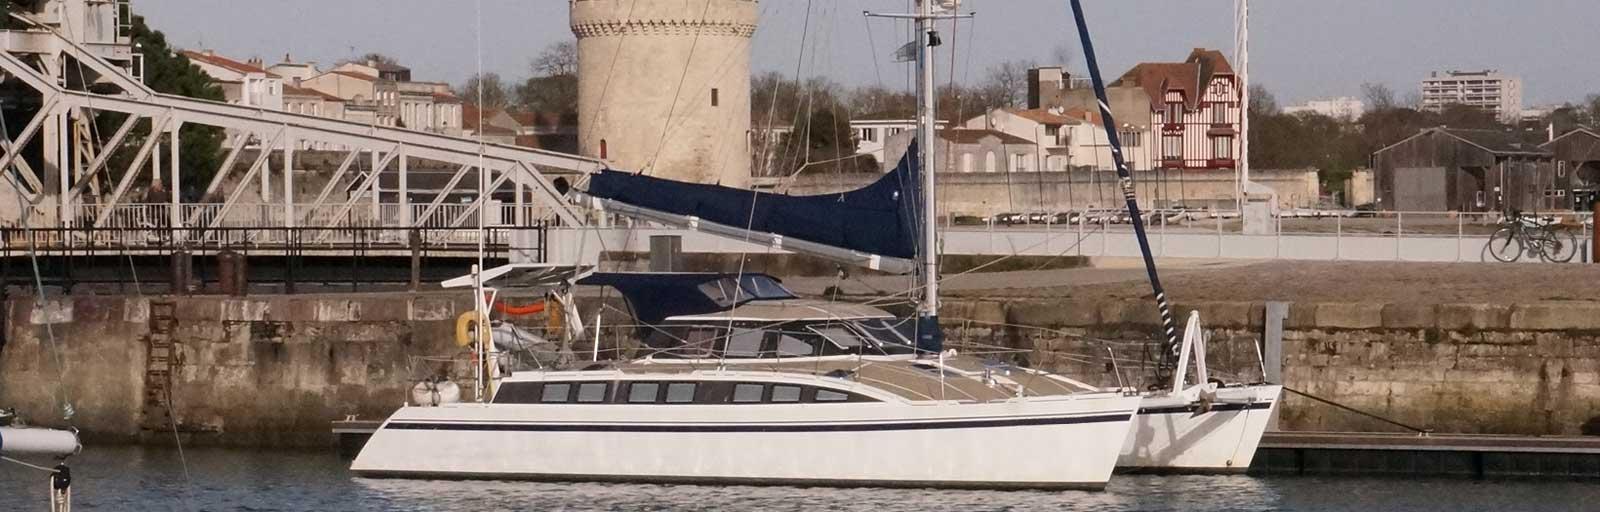 Cat Flotteur 45 - AYC Yachtbrokers